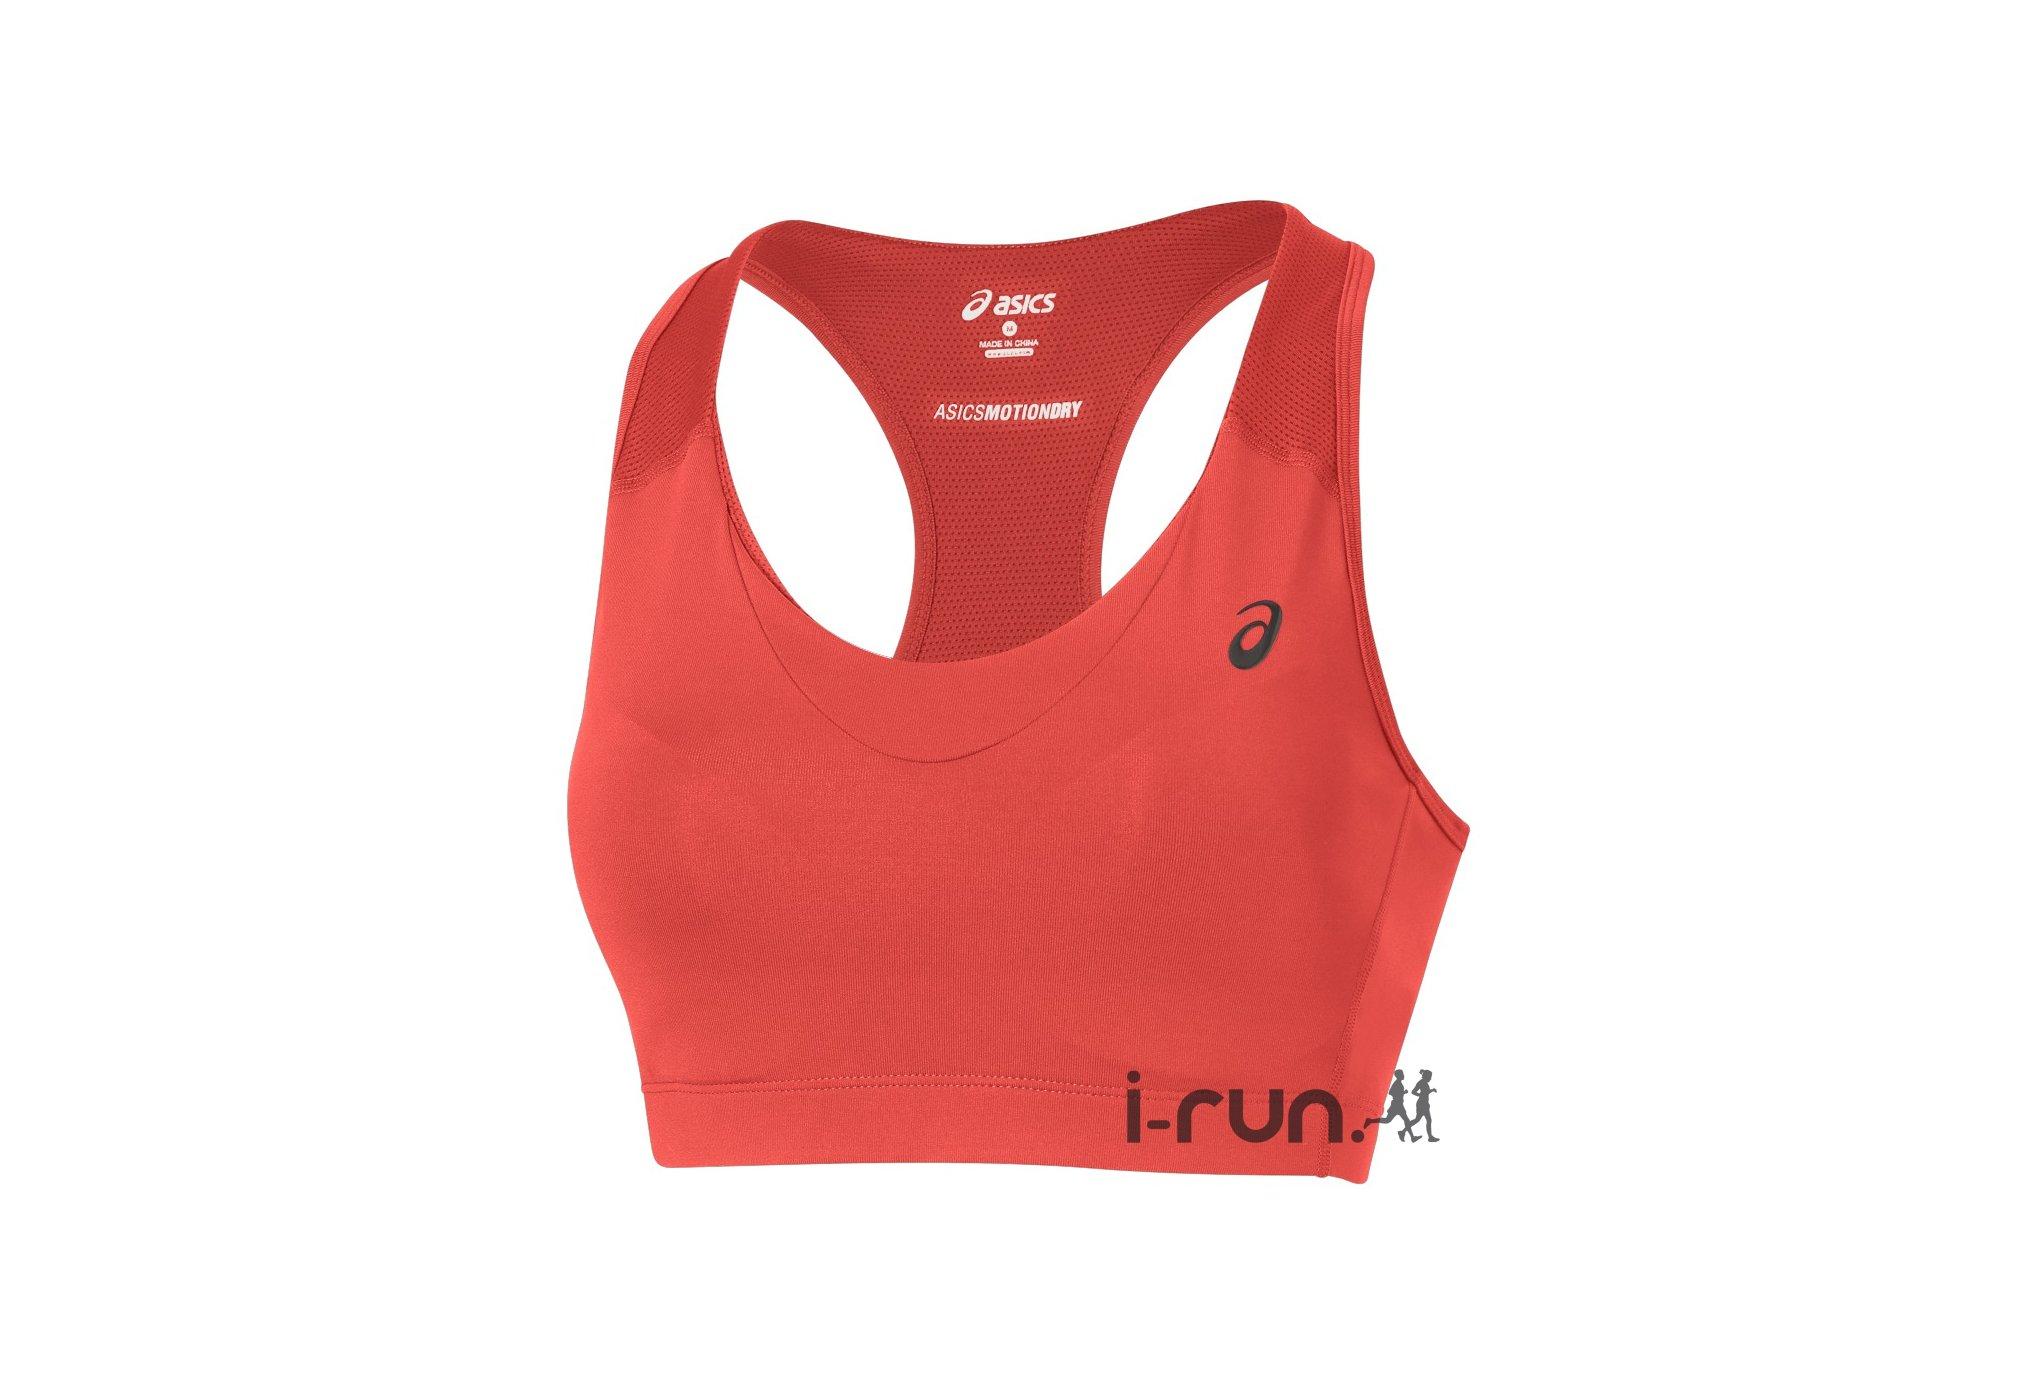 Asics Brassière Top W vêtement running femme